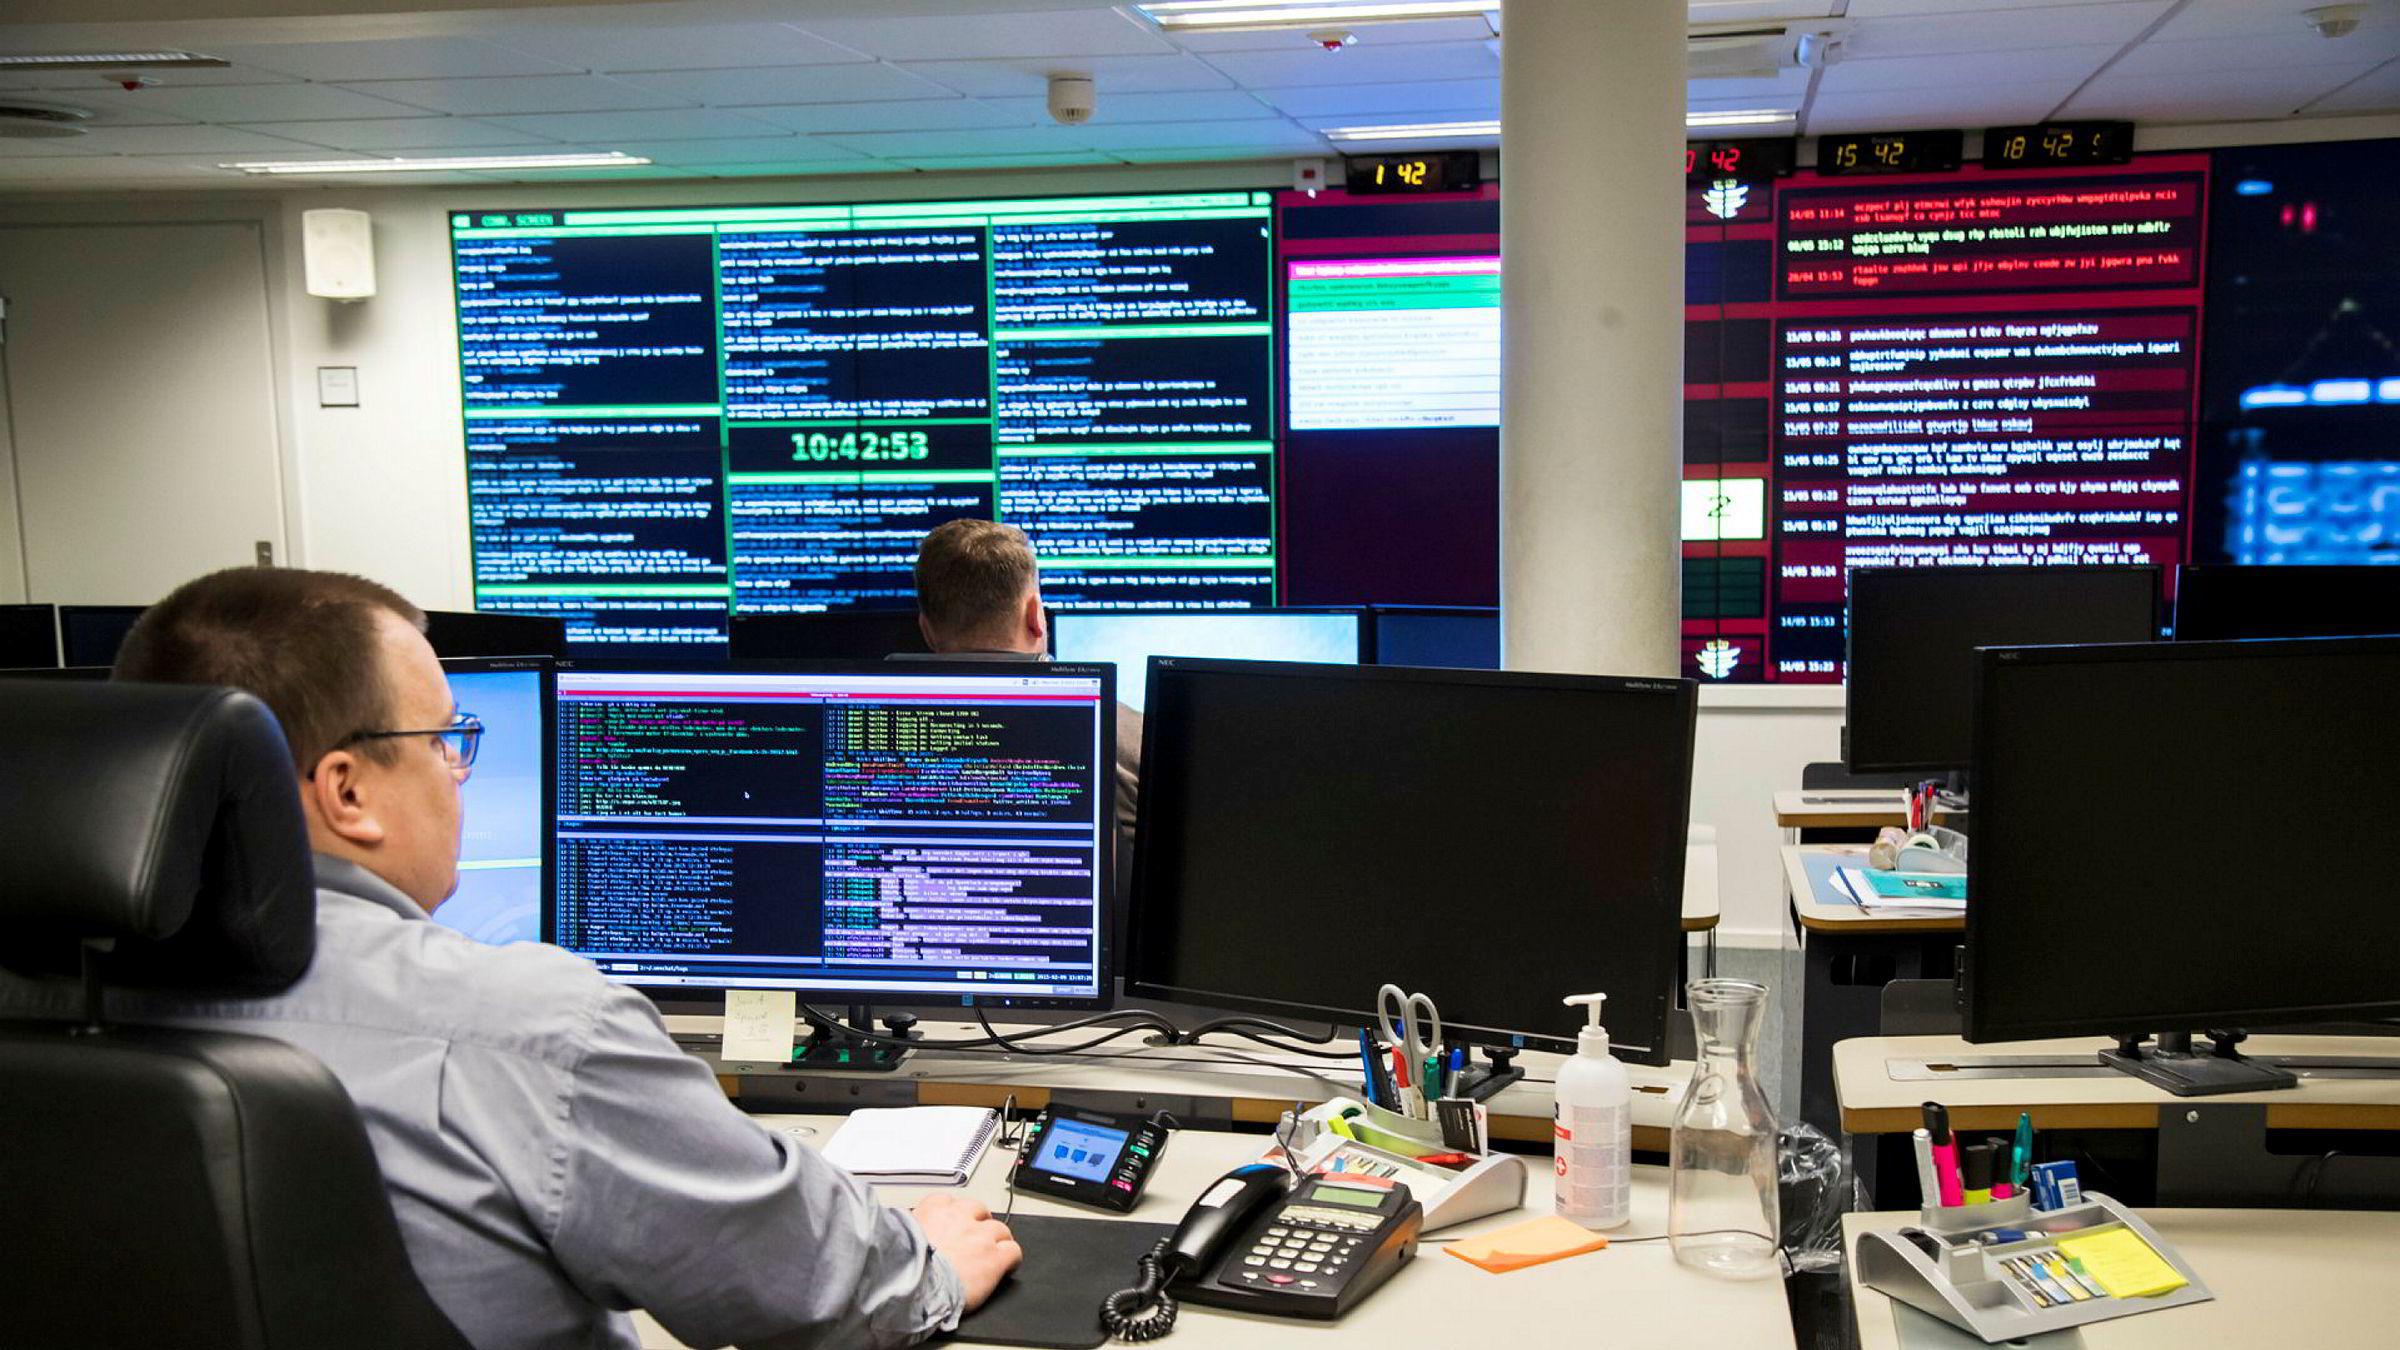 Mange av oss husker kanskje WannaCry-utbruddet for et knapt år siden. Viruset skapte mange overskrifter og gjorde forholdsvis stor skade, skriver artikkelforfatteren. Her fra Norges nasjonale cybersenter Norcert sitt operasjonssenter i Oslo som jobbet med dataangrepet «WannaCry».